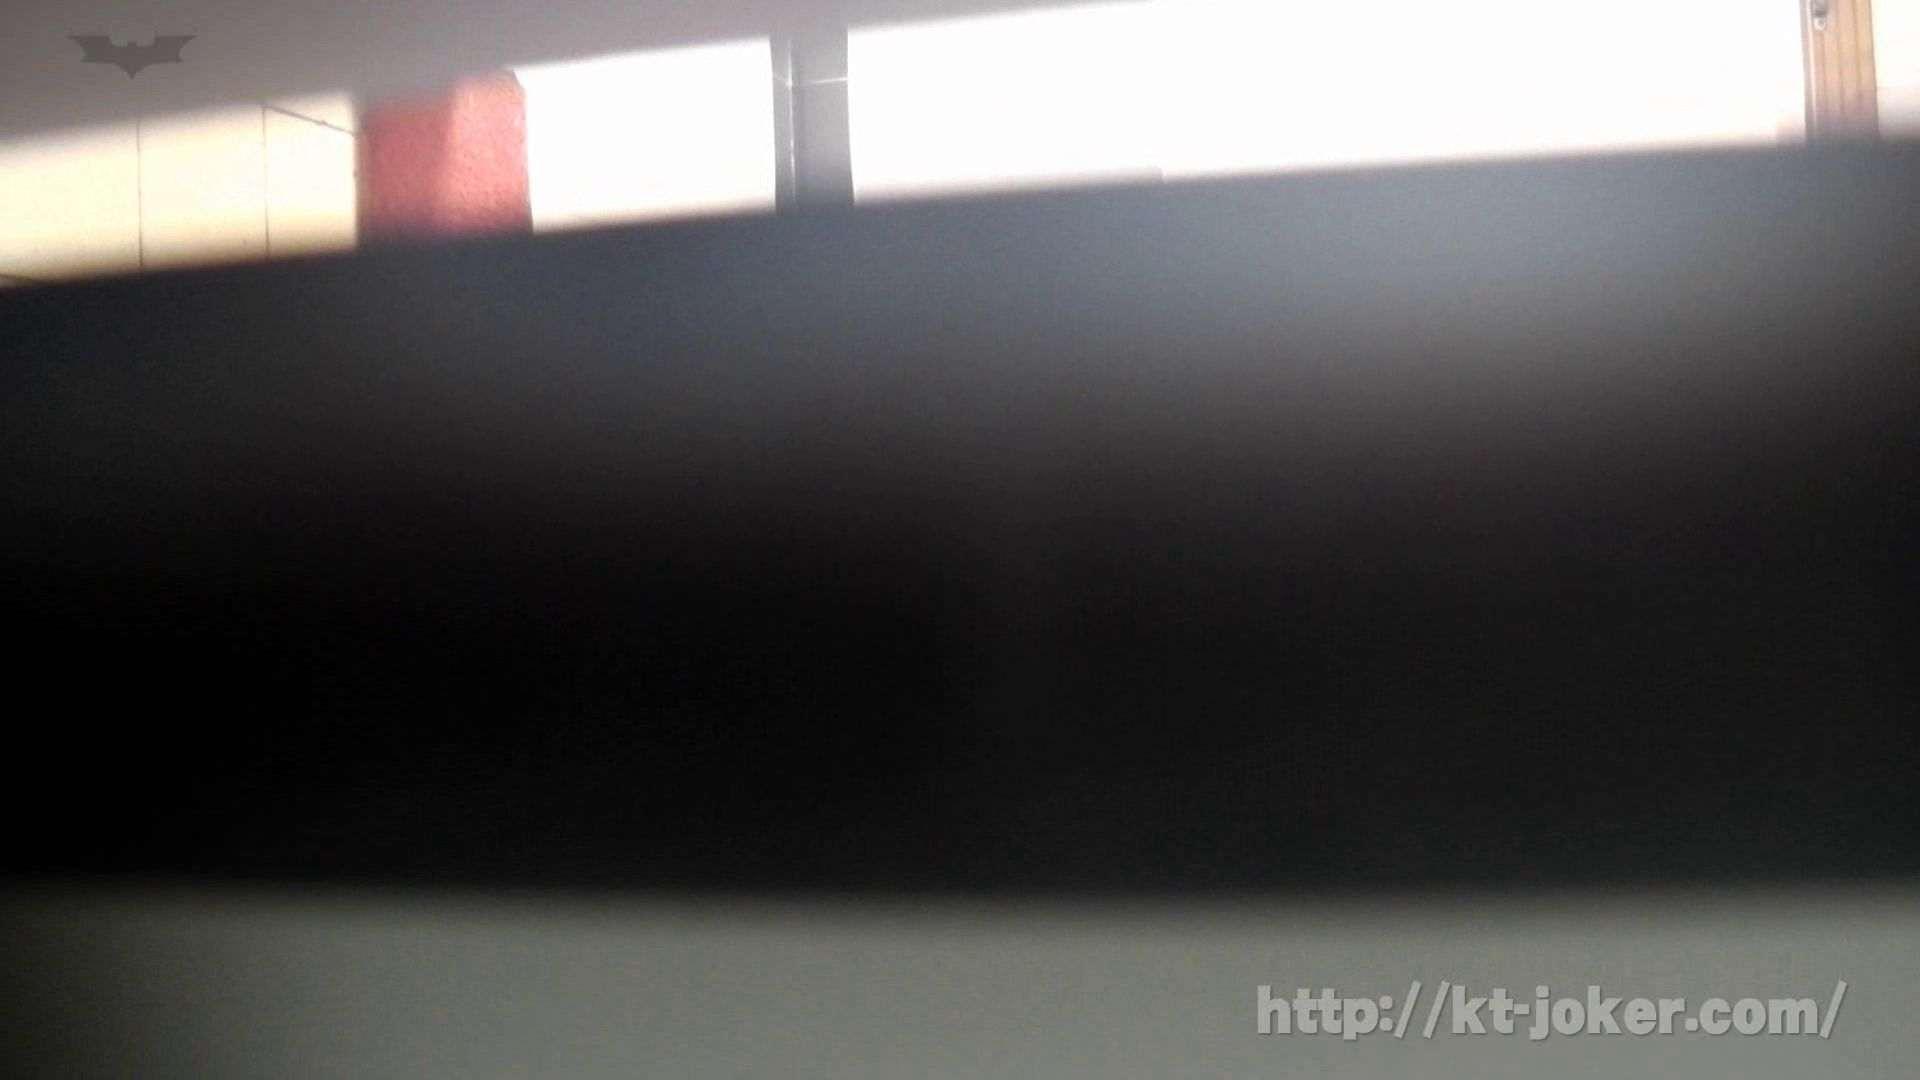 命がけ潜伏洗面所! vol.71 典型的な韓国人美女登場!! OLの実態  97pic 20